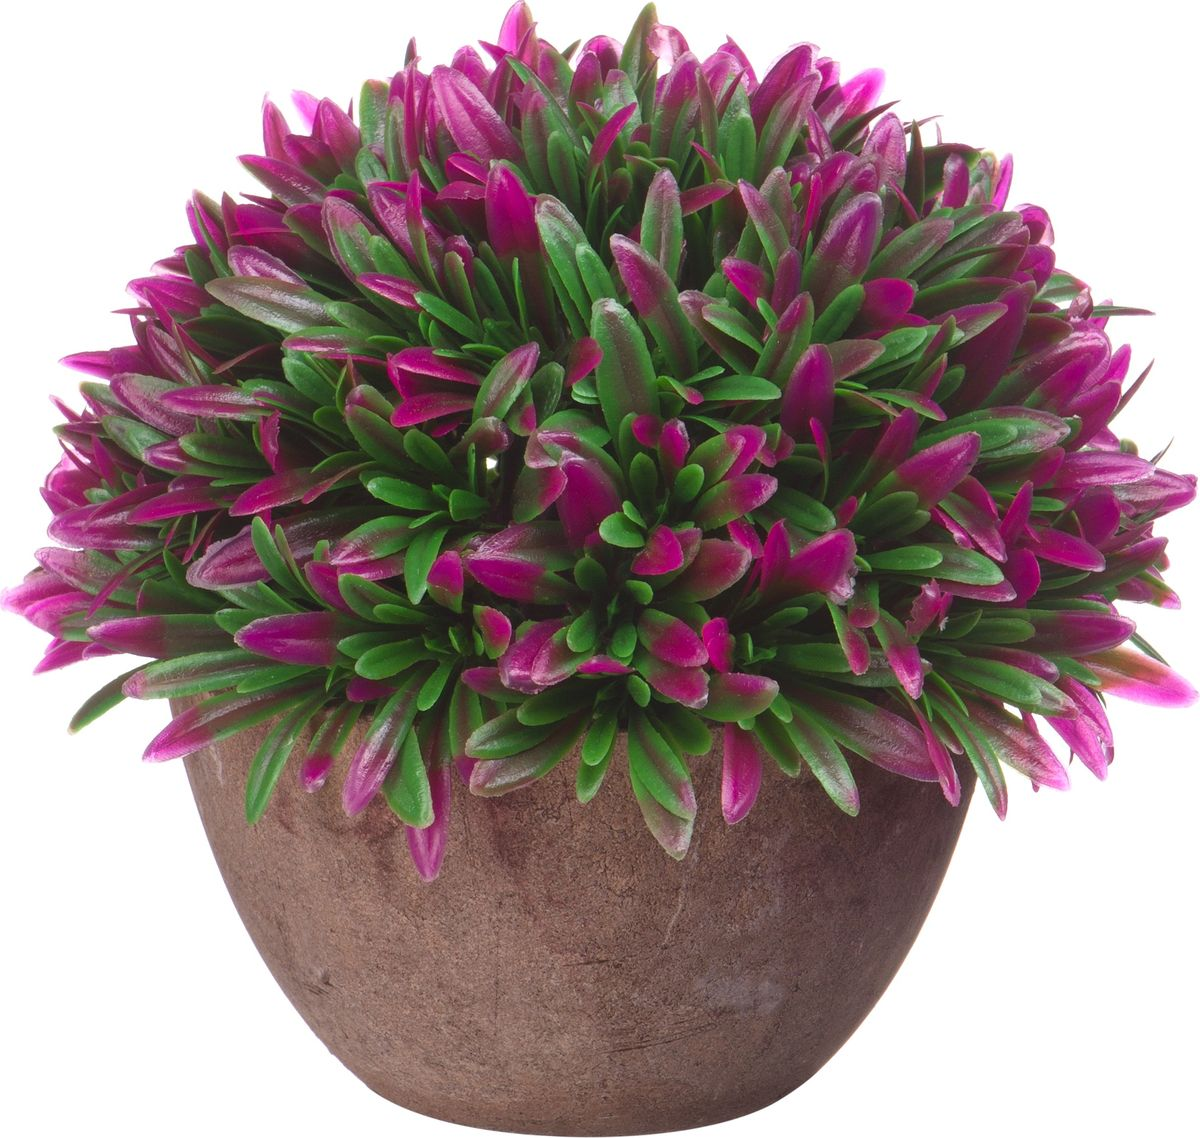 Композиция цветочная Engard Азалия, в кашпо, цвет: розовый, 15 х 13,5 см бутыль декоративная engard высота 15 см